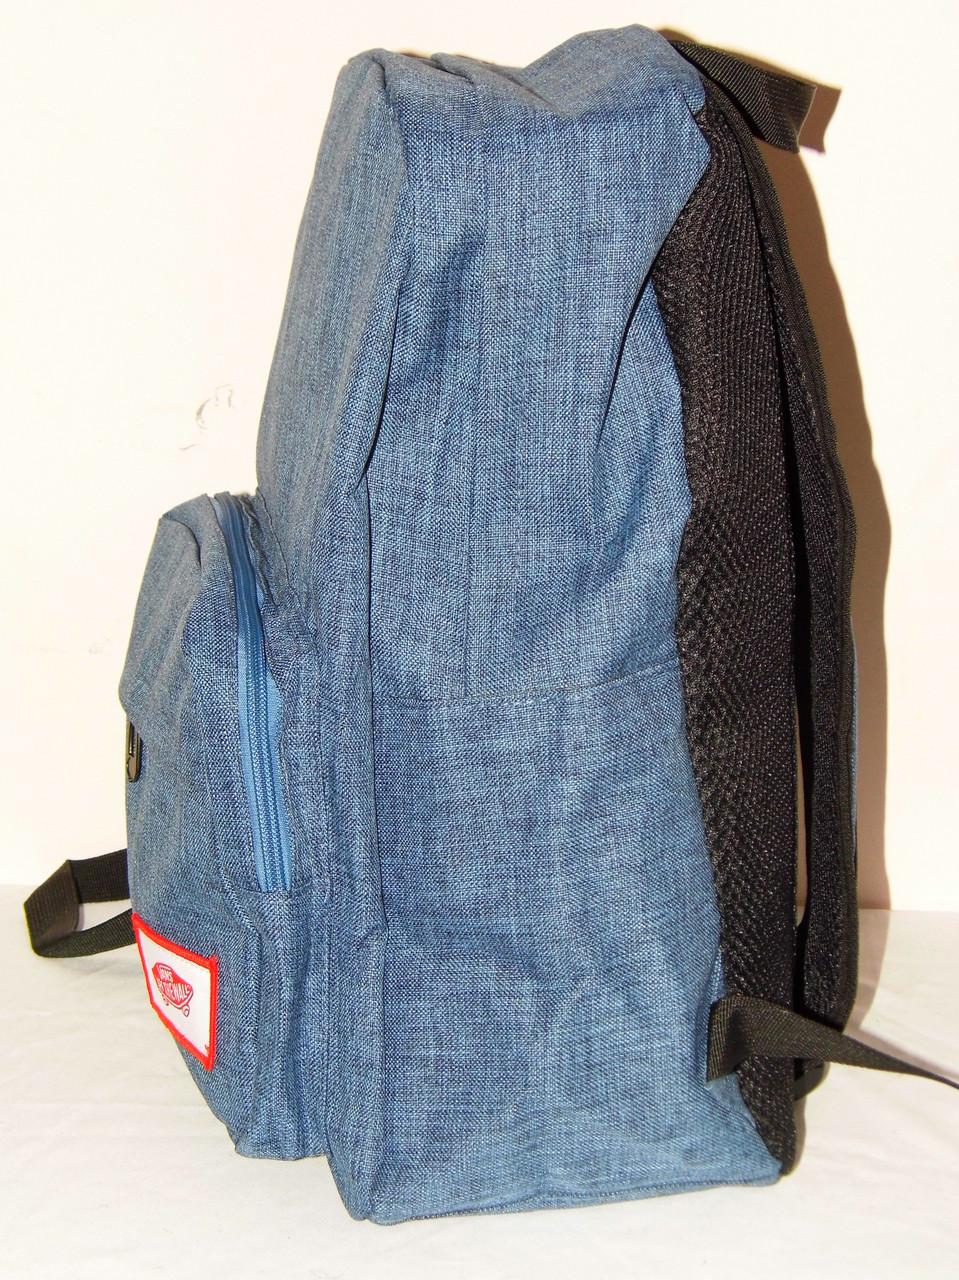 """Ортопедический портфель в школу для мальчика  8034 - Одежда ТМ """" Adeleys original """" (Barbie-shop.com.ua). Производитель. в Хмельницком"""